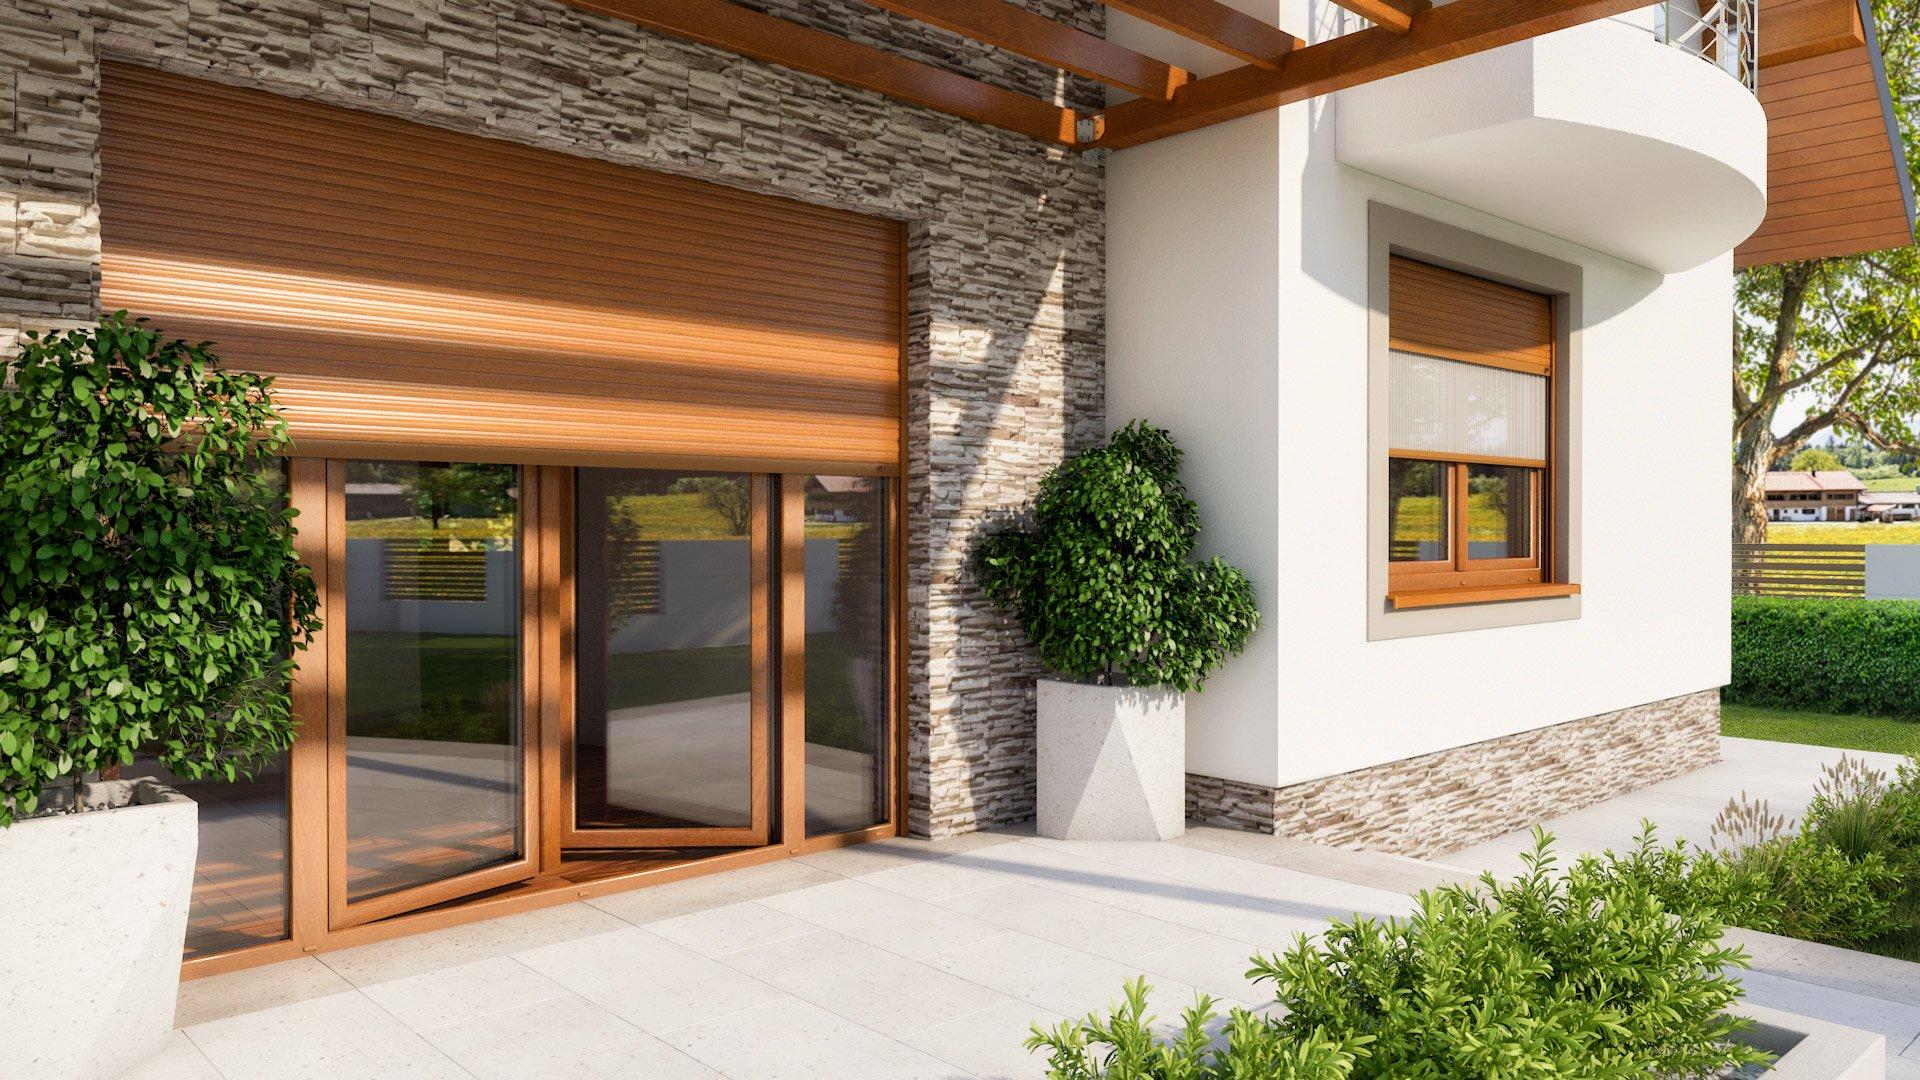 کاربرد مواد پلیمر در صنعت ساختمان